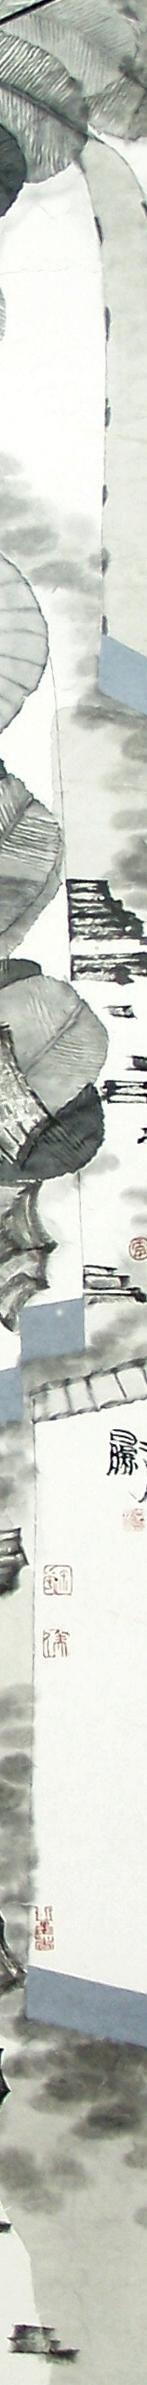 李晶彬  (  Li  Jingbin  )